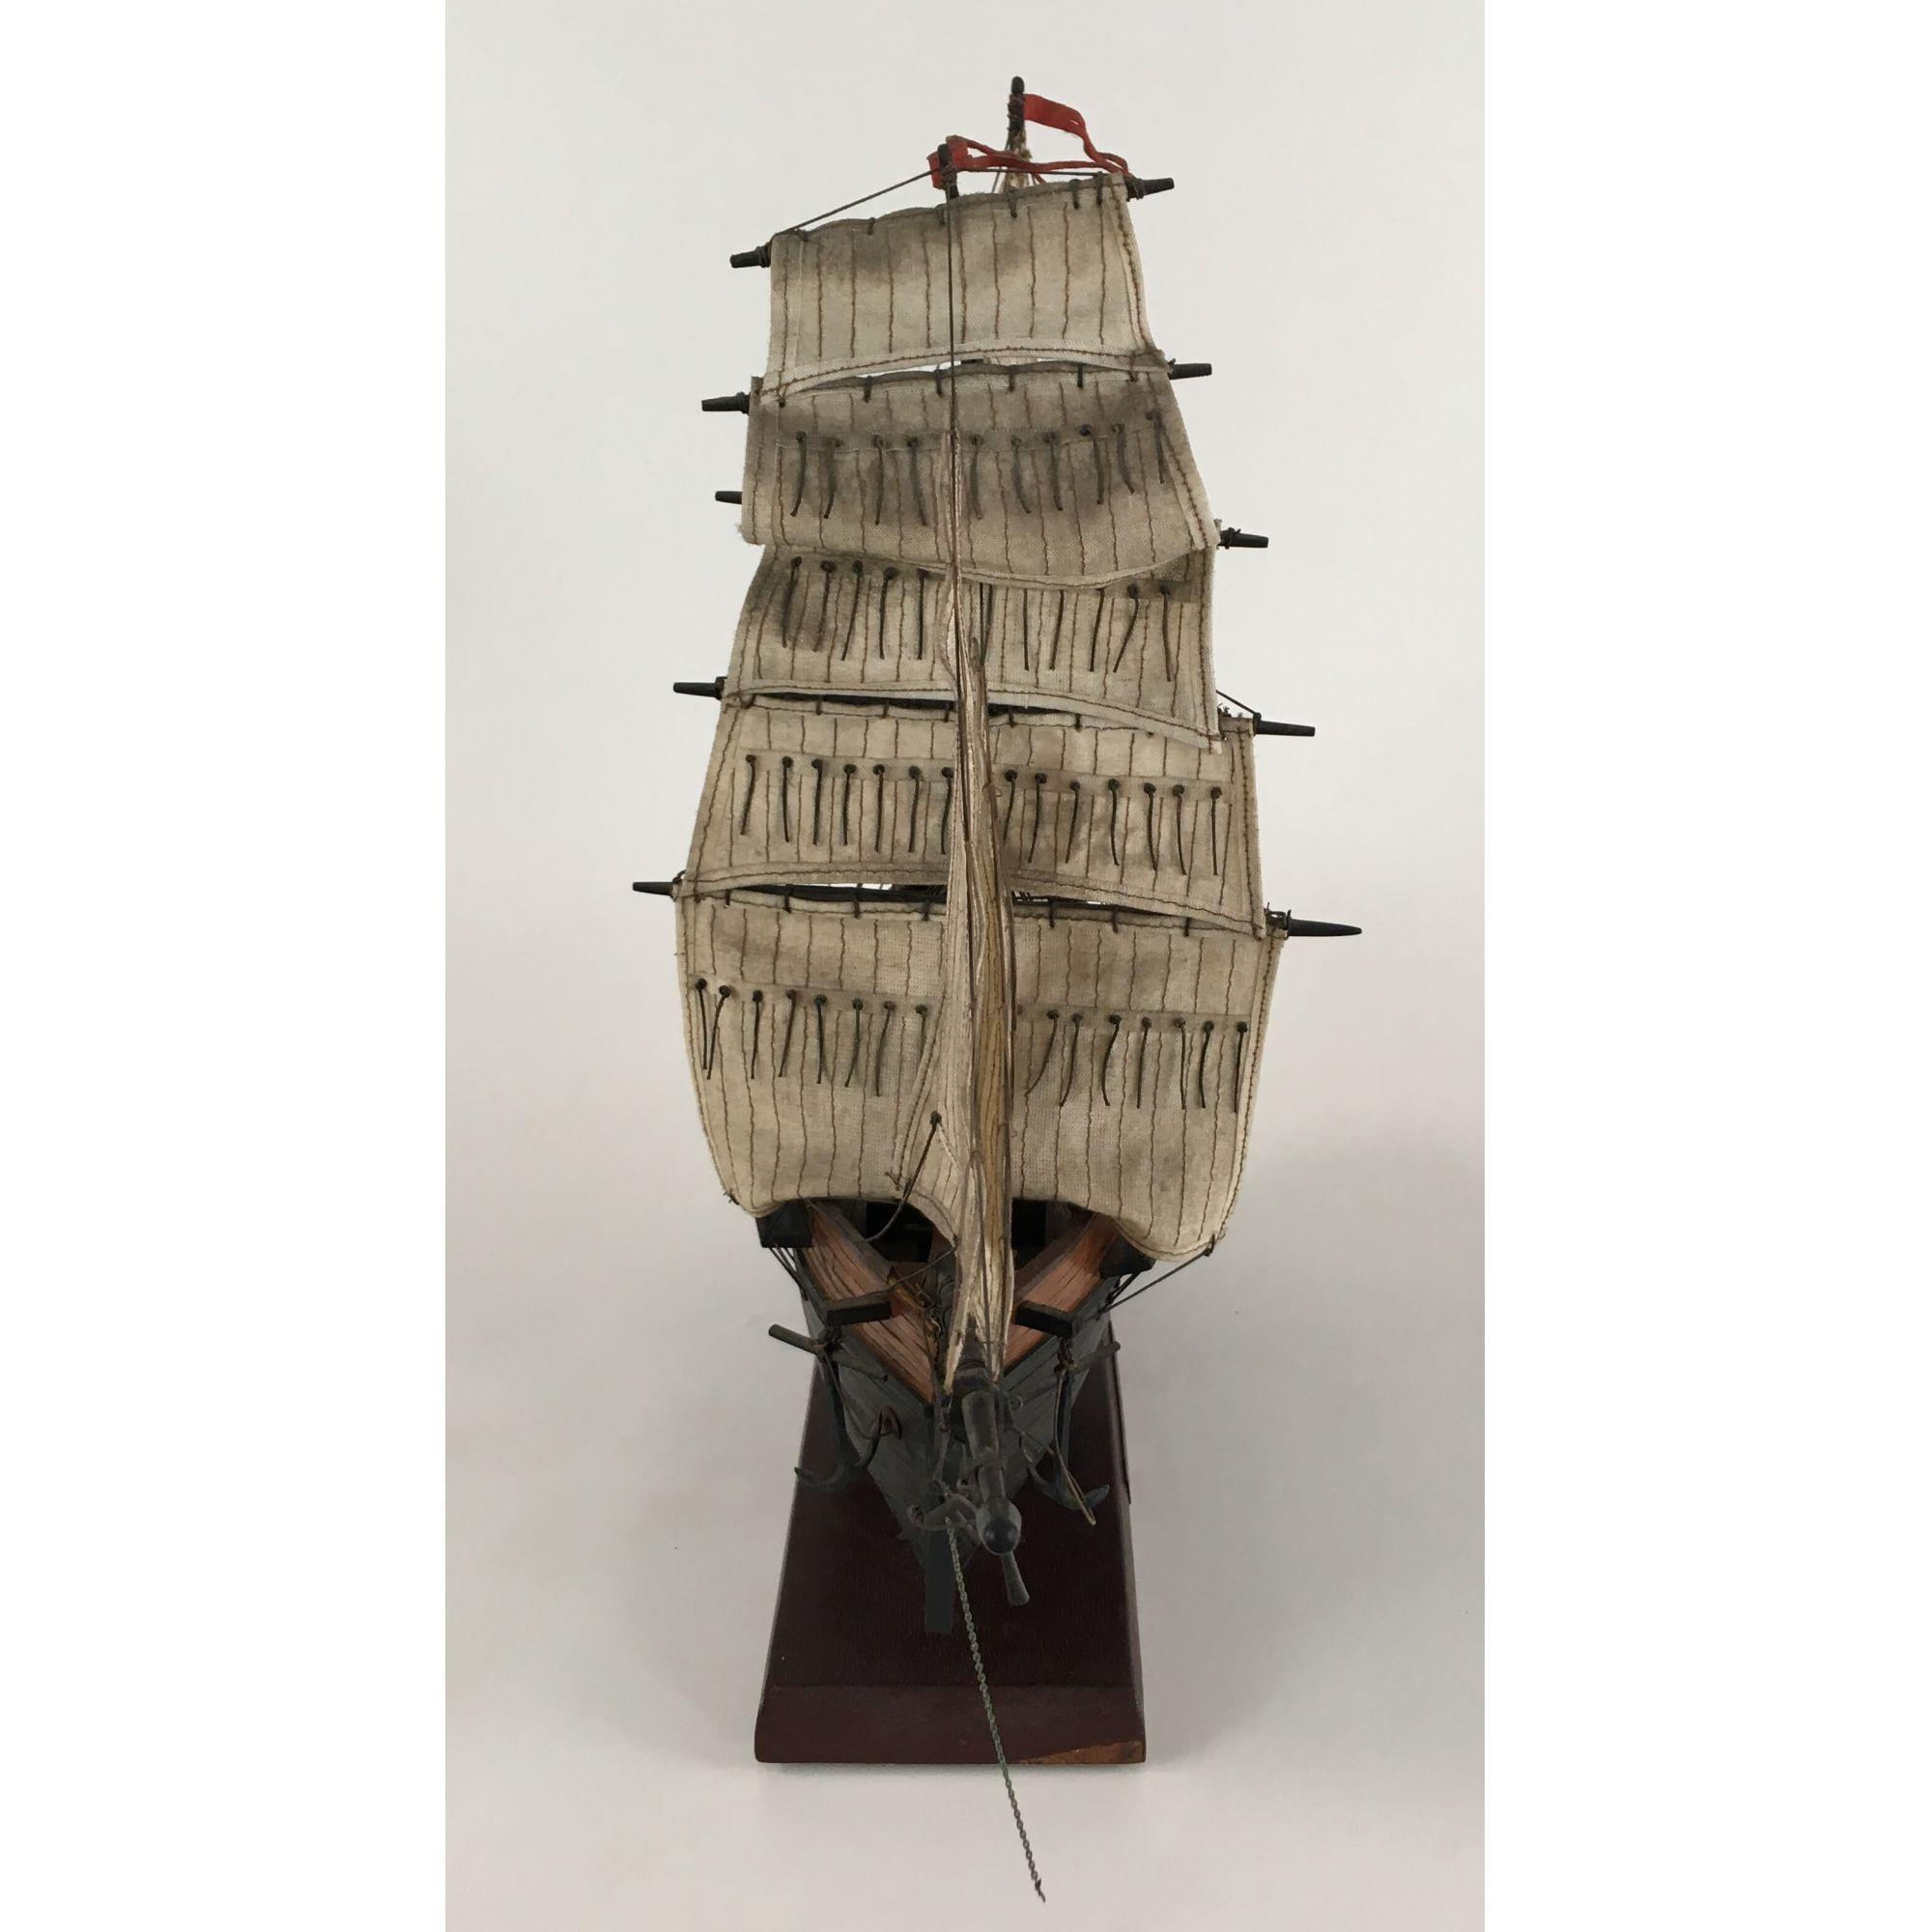 Caravela Antiga Em Madeira 55cm Comprimento